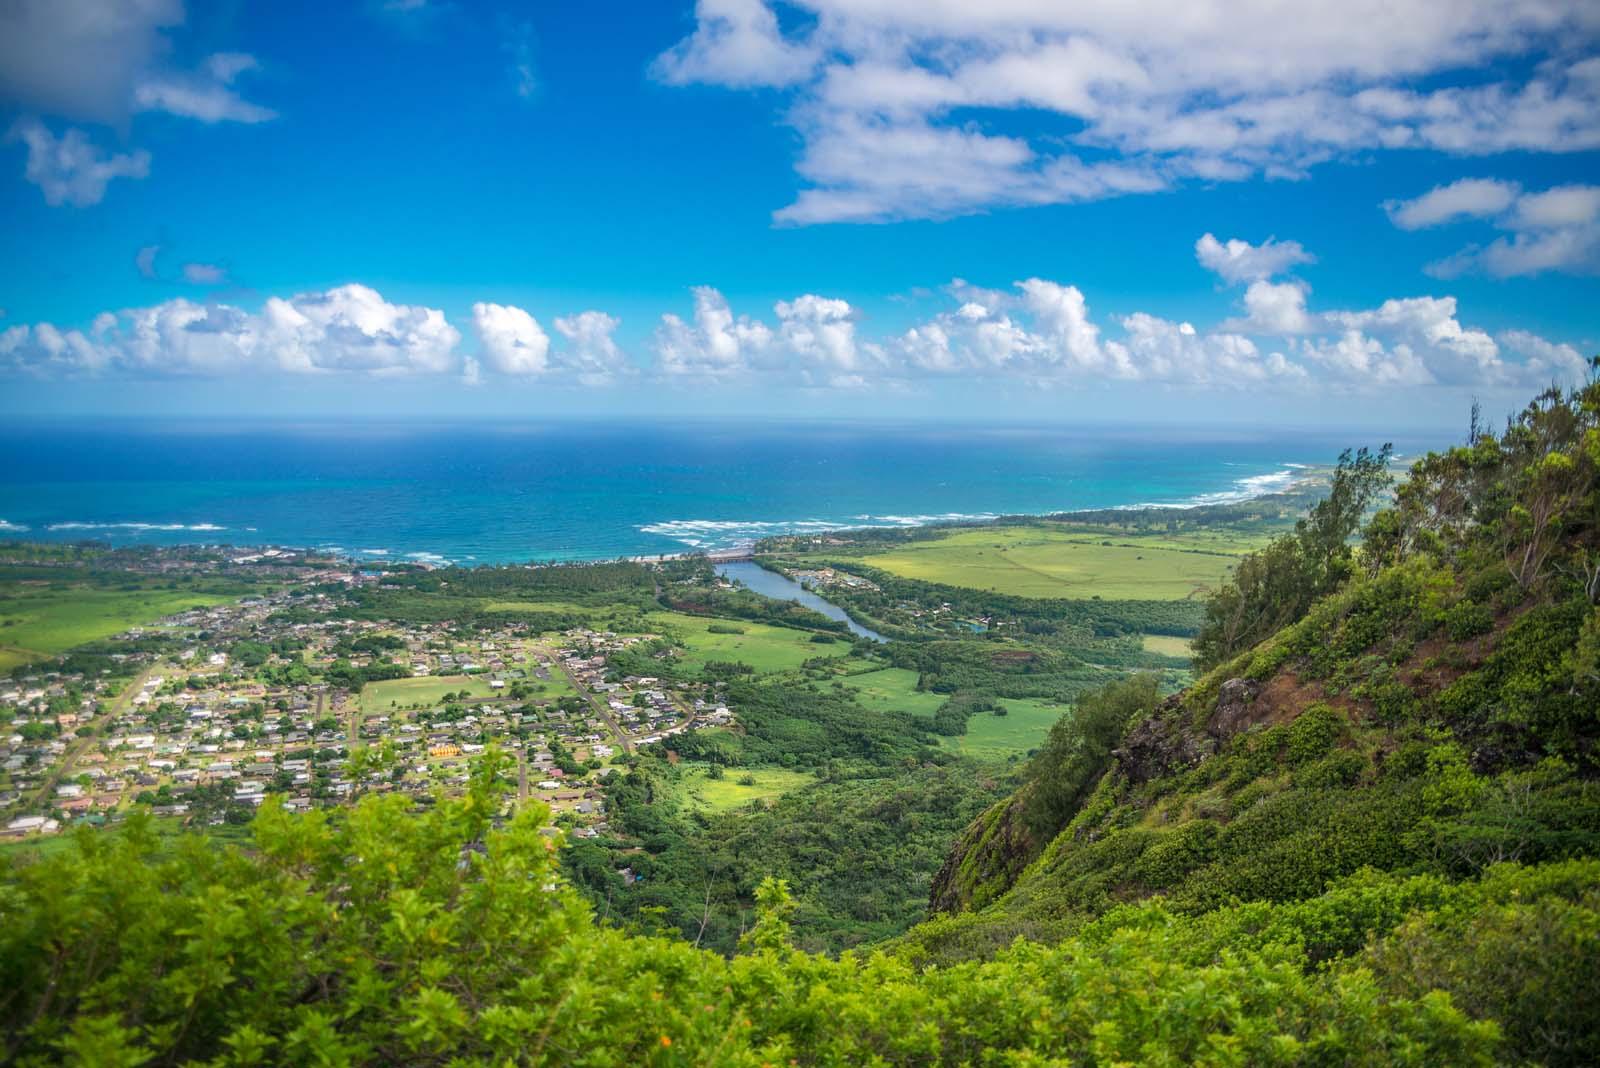 kauai hiking sleeping giant view